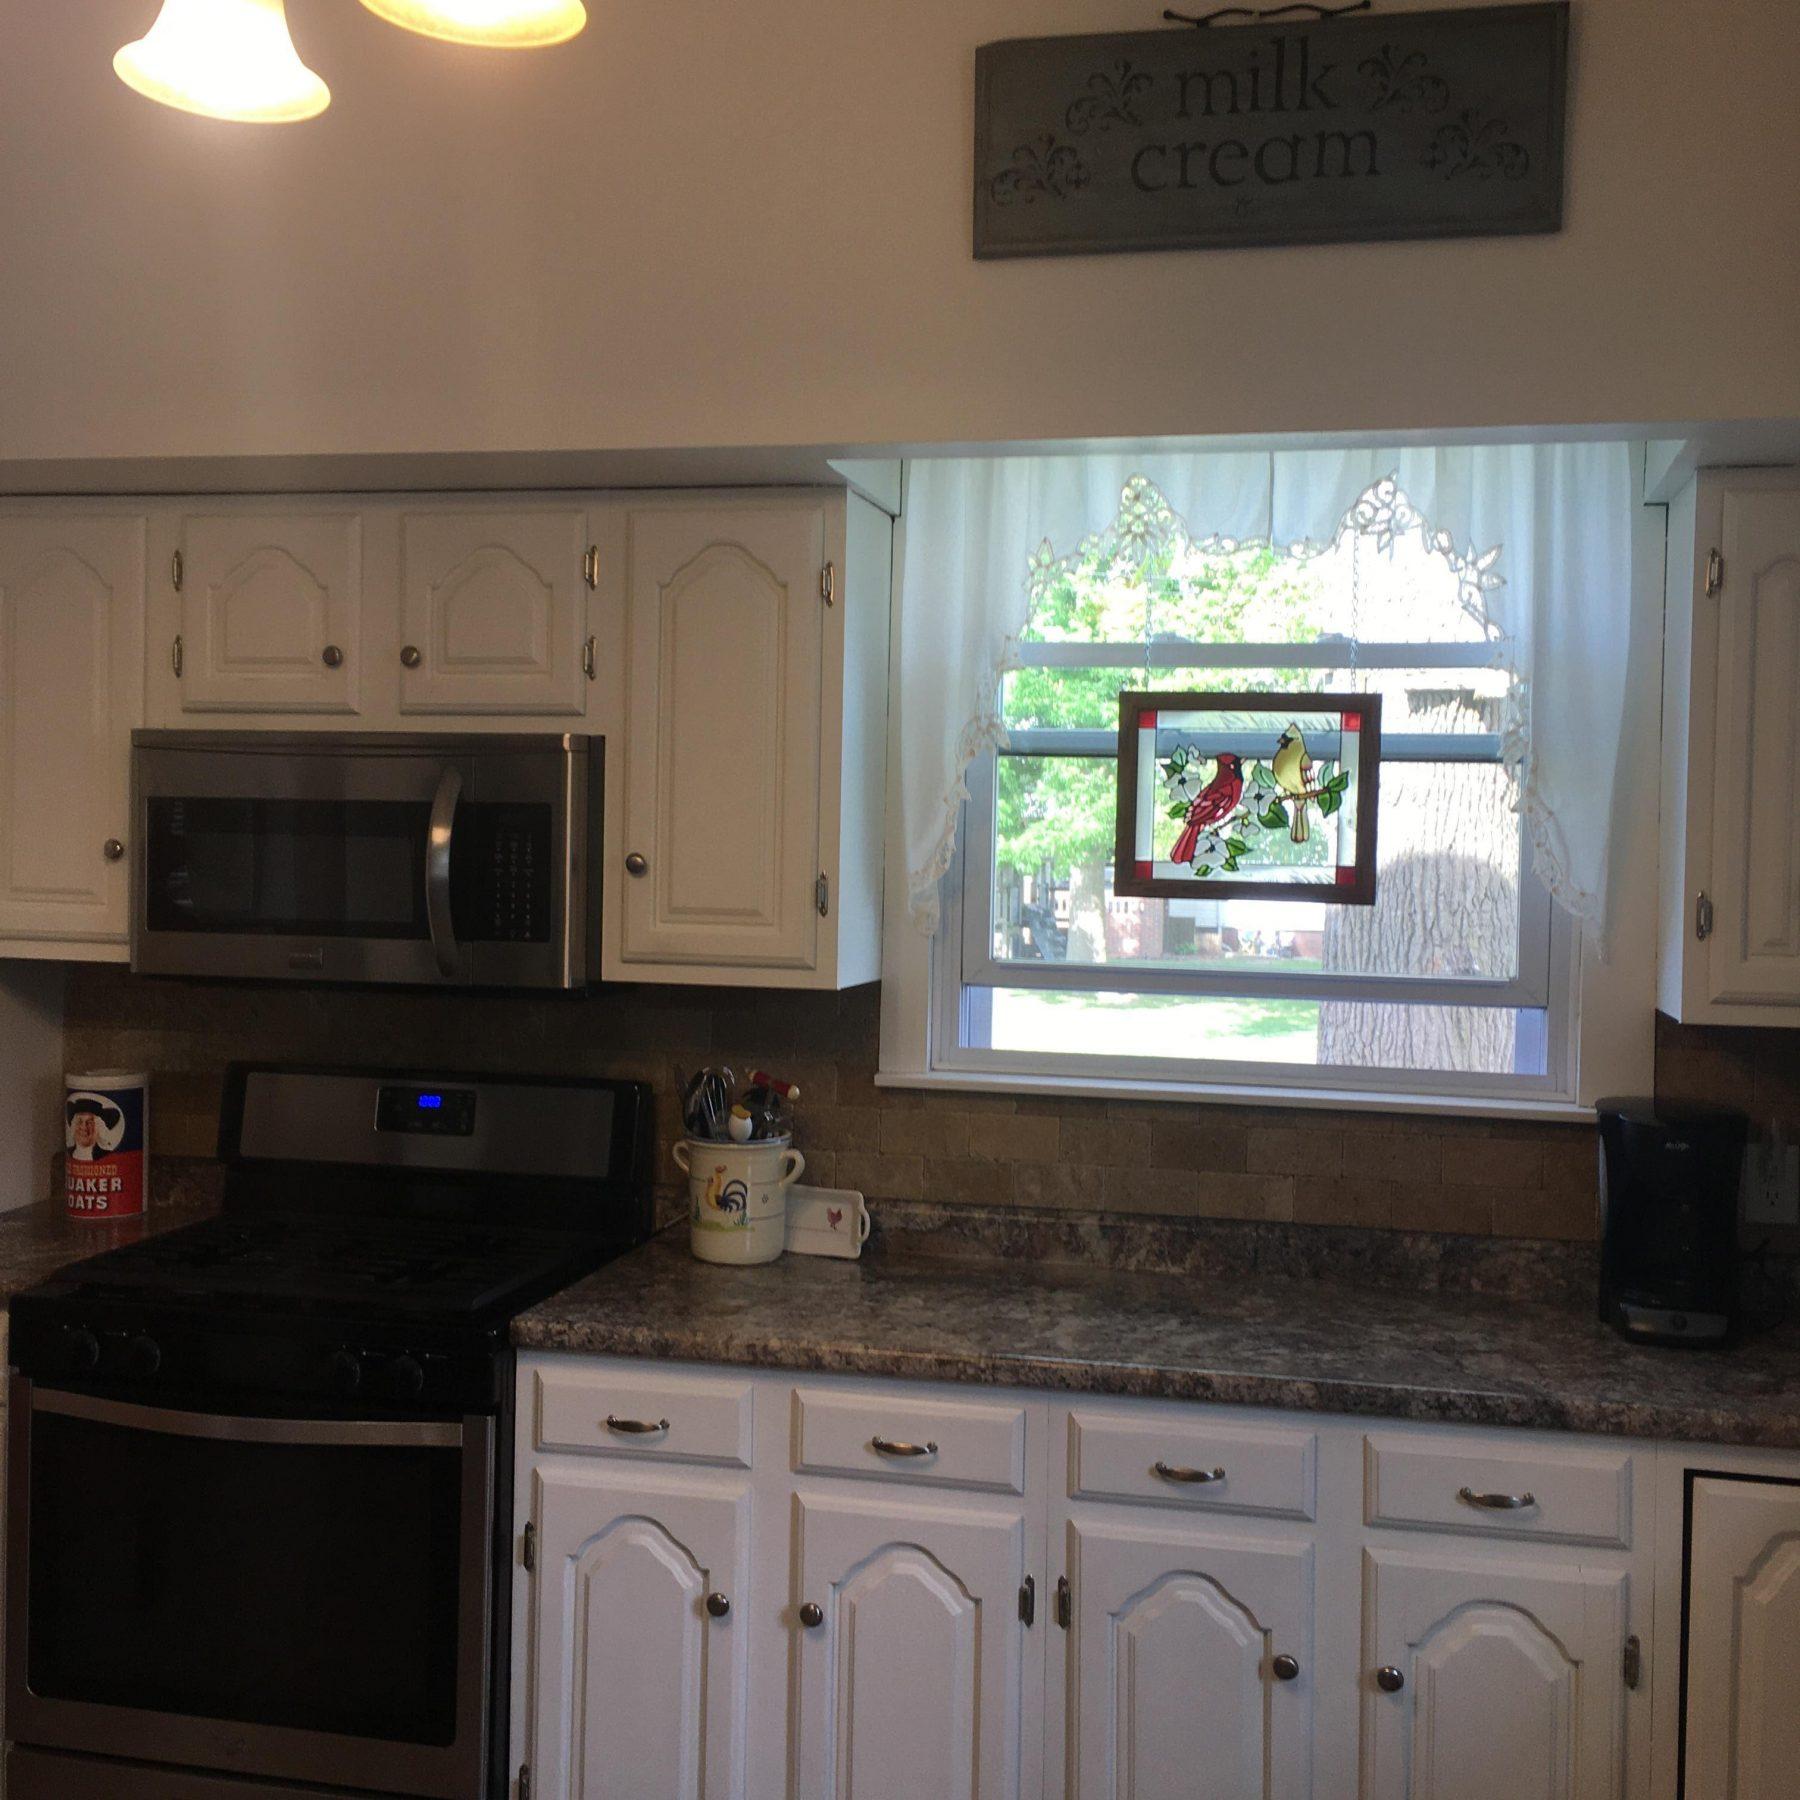 Goodell kitchen pic 2